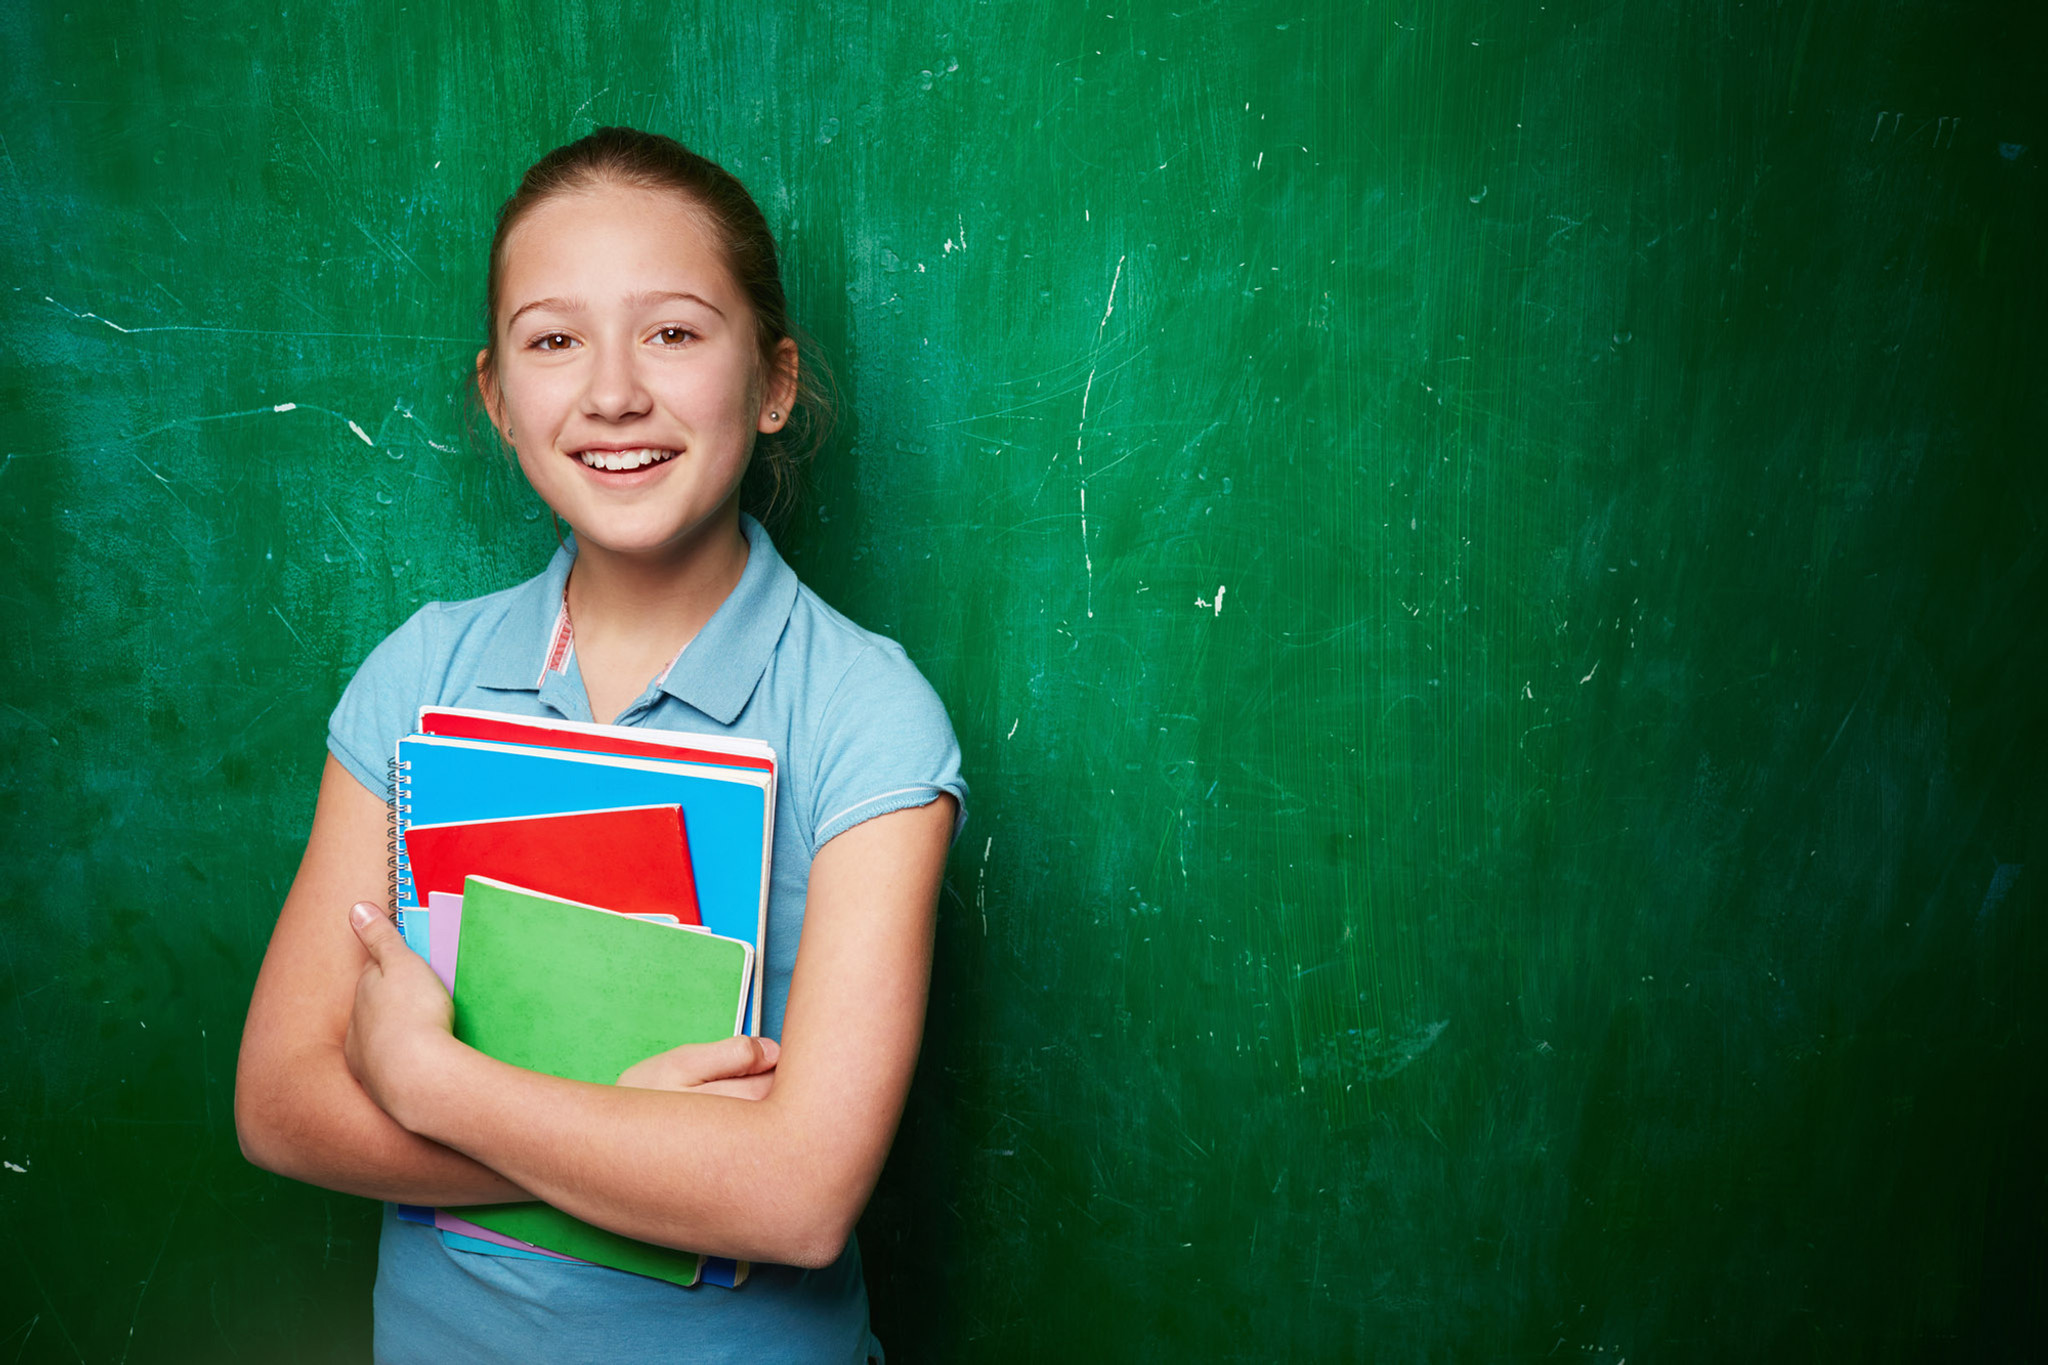 Определяне на таланта 11-14 годишни